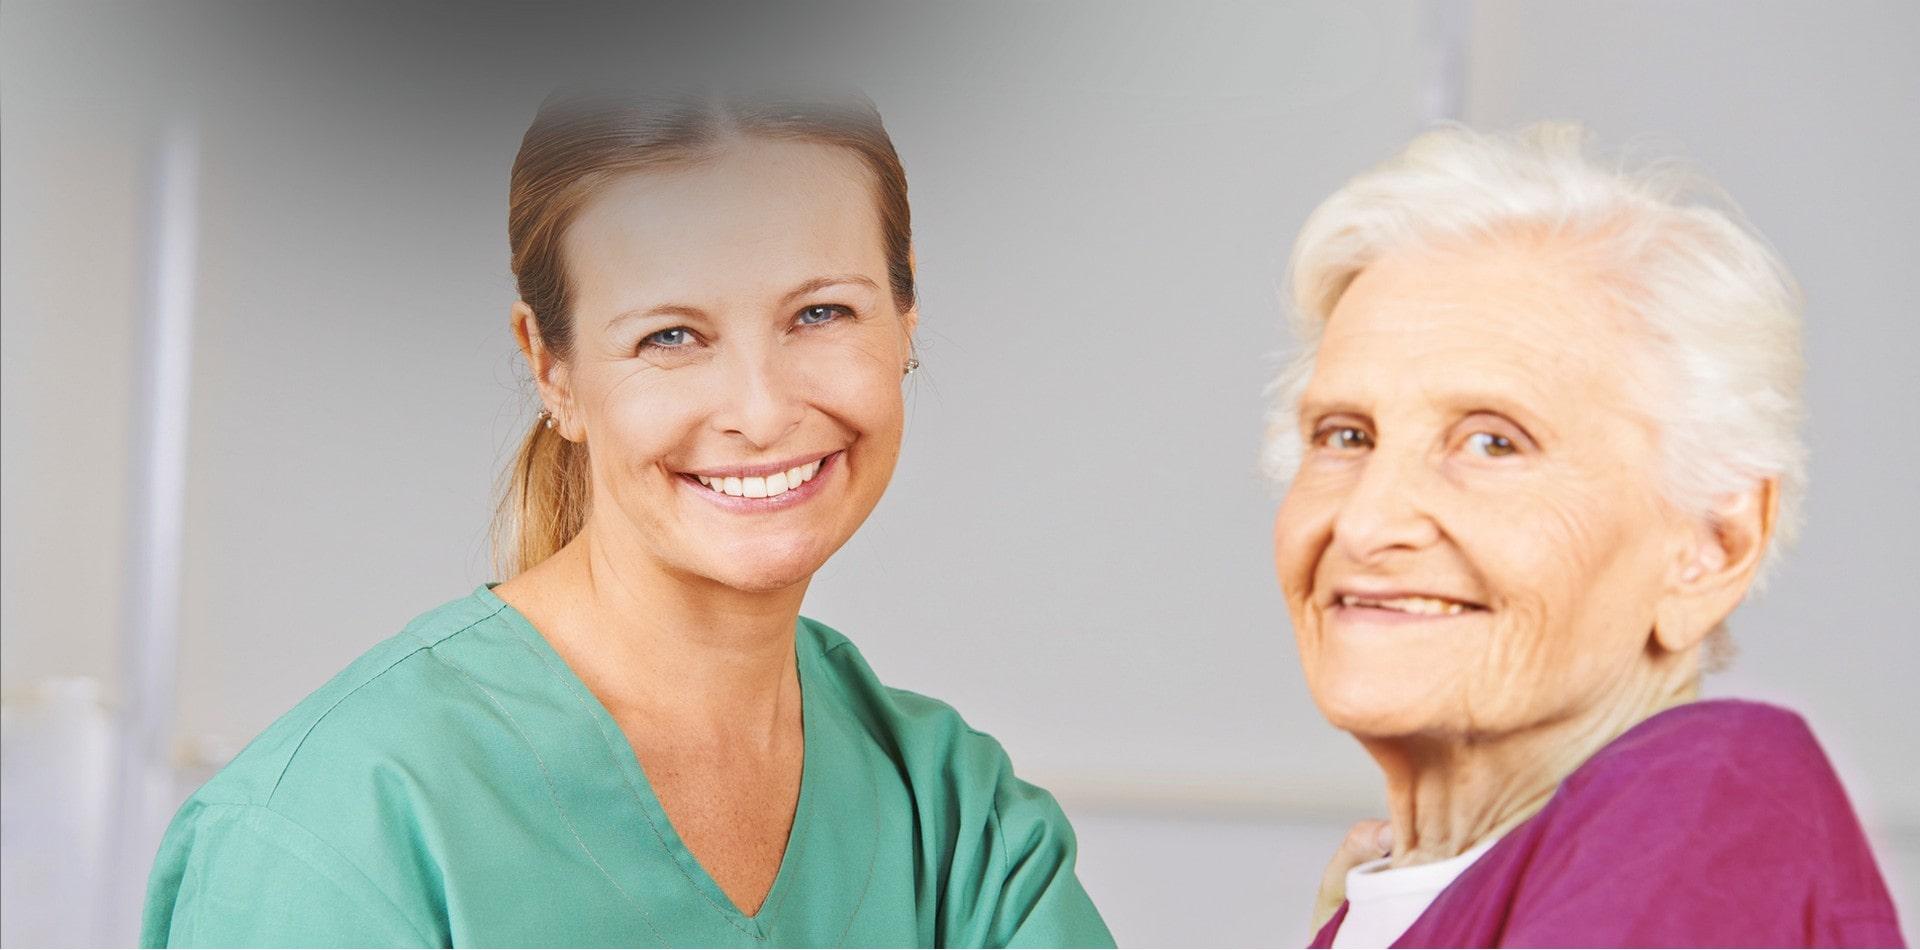 https://ks-seniorenservice.de/wp-content/uploads/revslider/medic/background.jpg